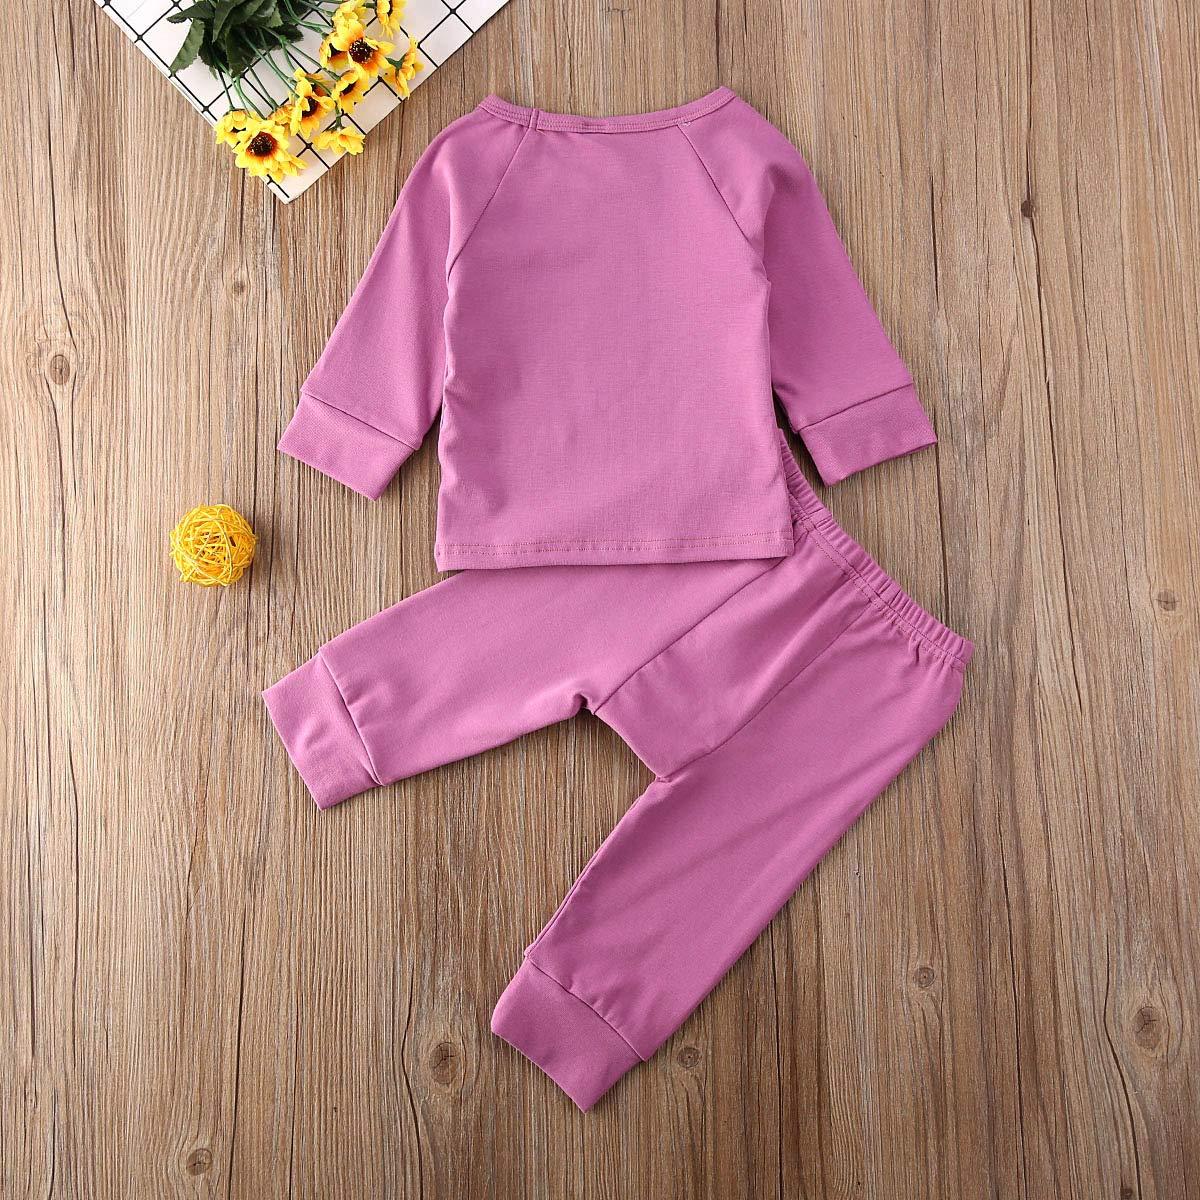 Fiomva Pantalones Blusa Blusa Blusa Conjunto de Ropa para beb/é reci/én Nacido Leggins Manga Larga Camisa de algod/ón